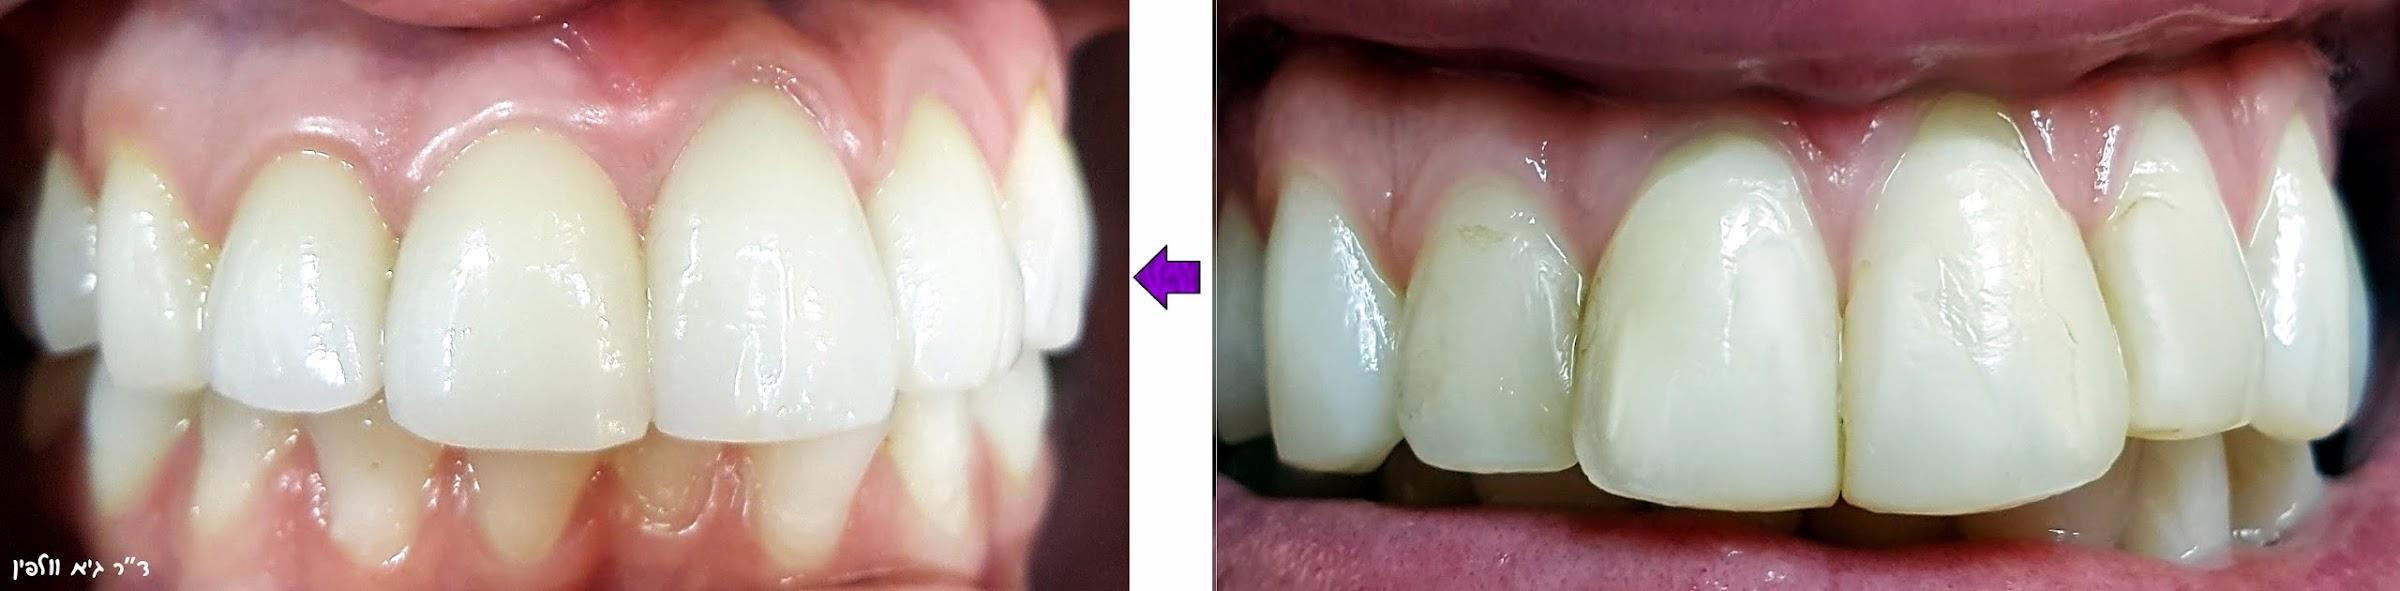 לפני ואחרי ציפויי שיניים חרסינה אסתטיים, אמנות החיוך smile design- ד''ר גיא וולפין, אסתטיקה דנטלית